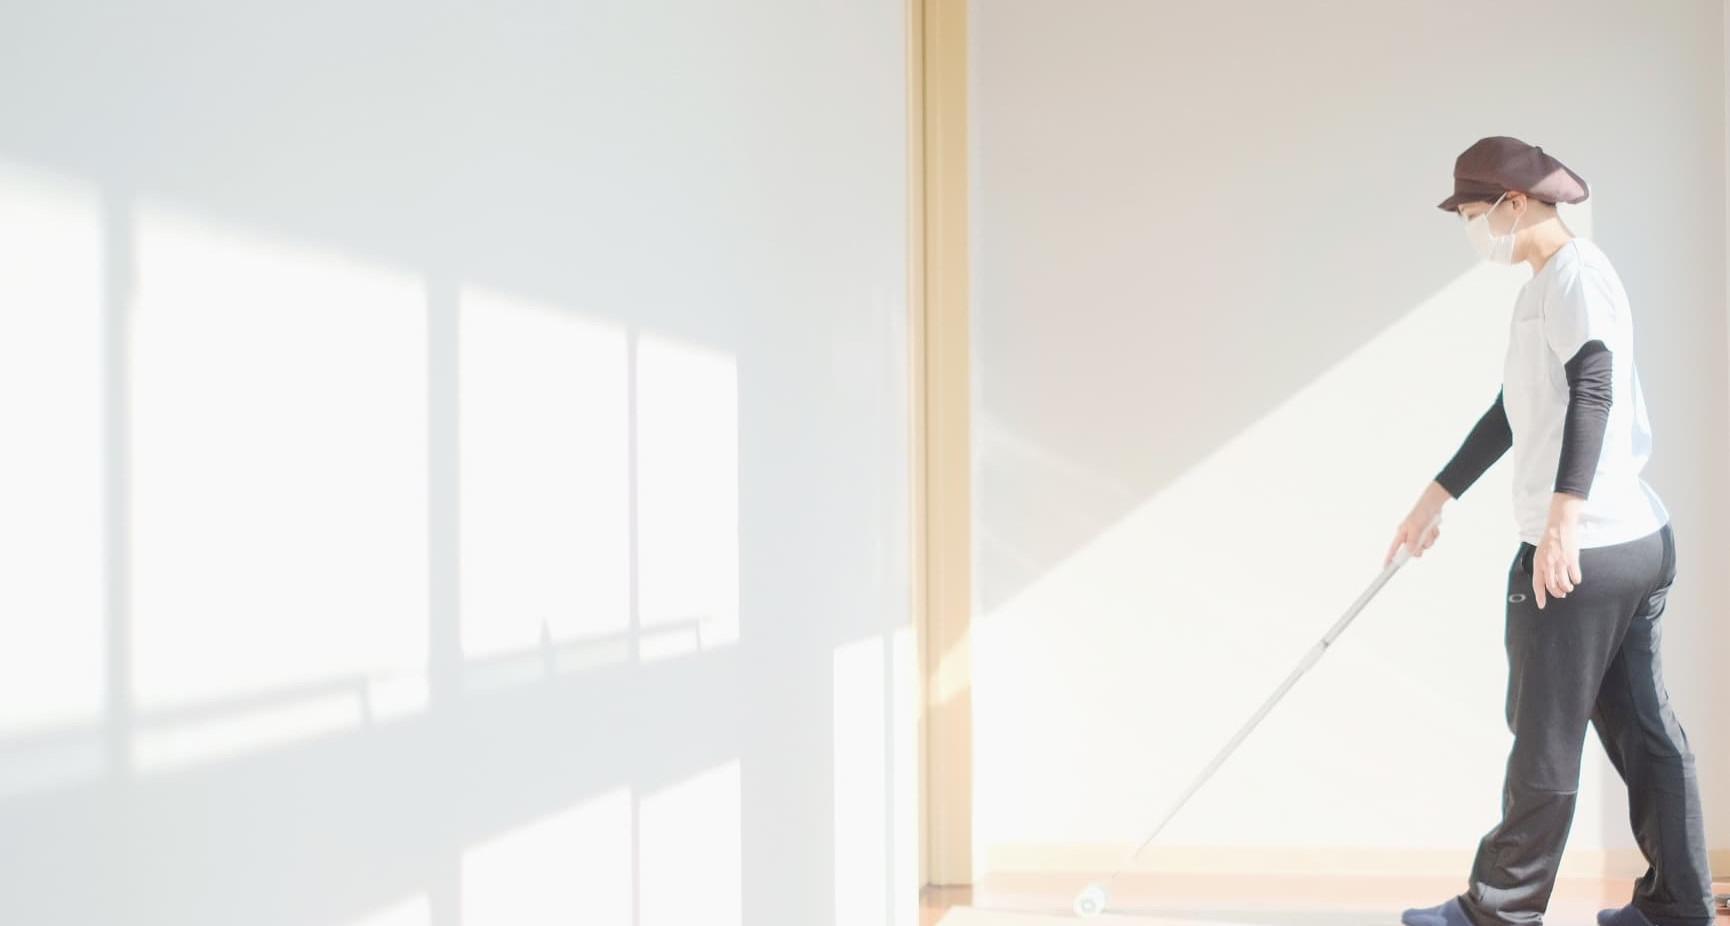 光のあたる廊下を清掃するスタッフ